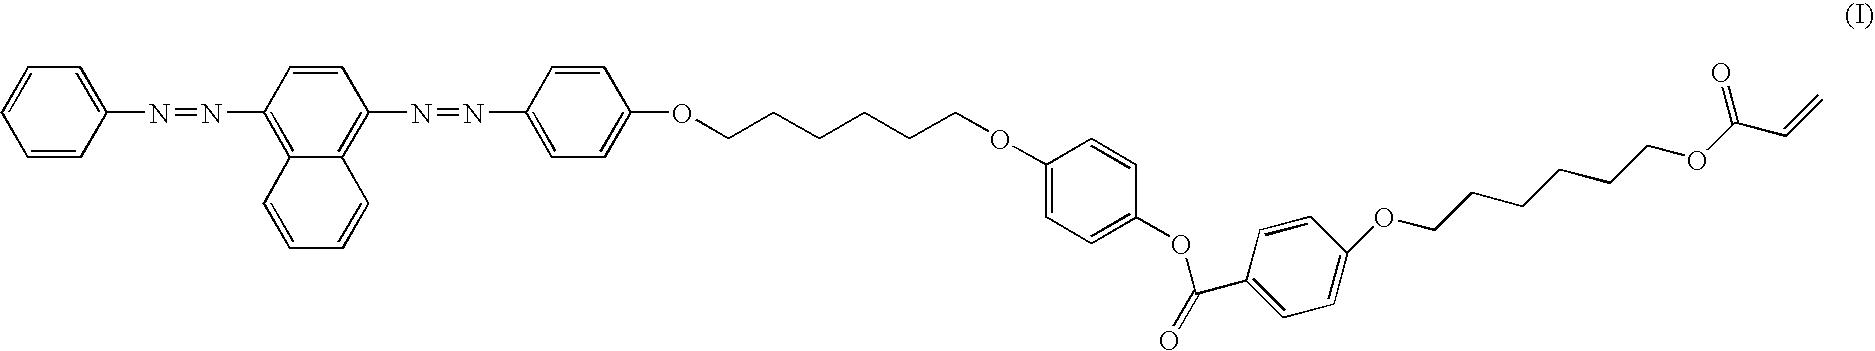 Figure US08197708-20120612-C00017